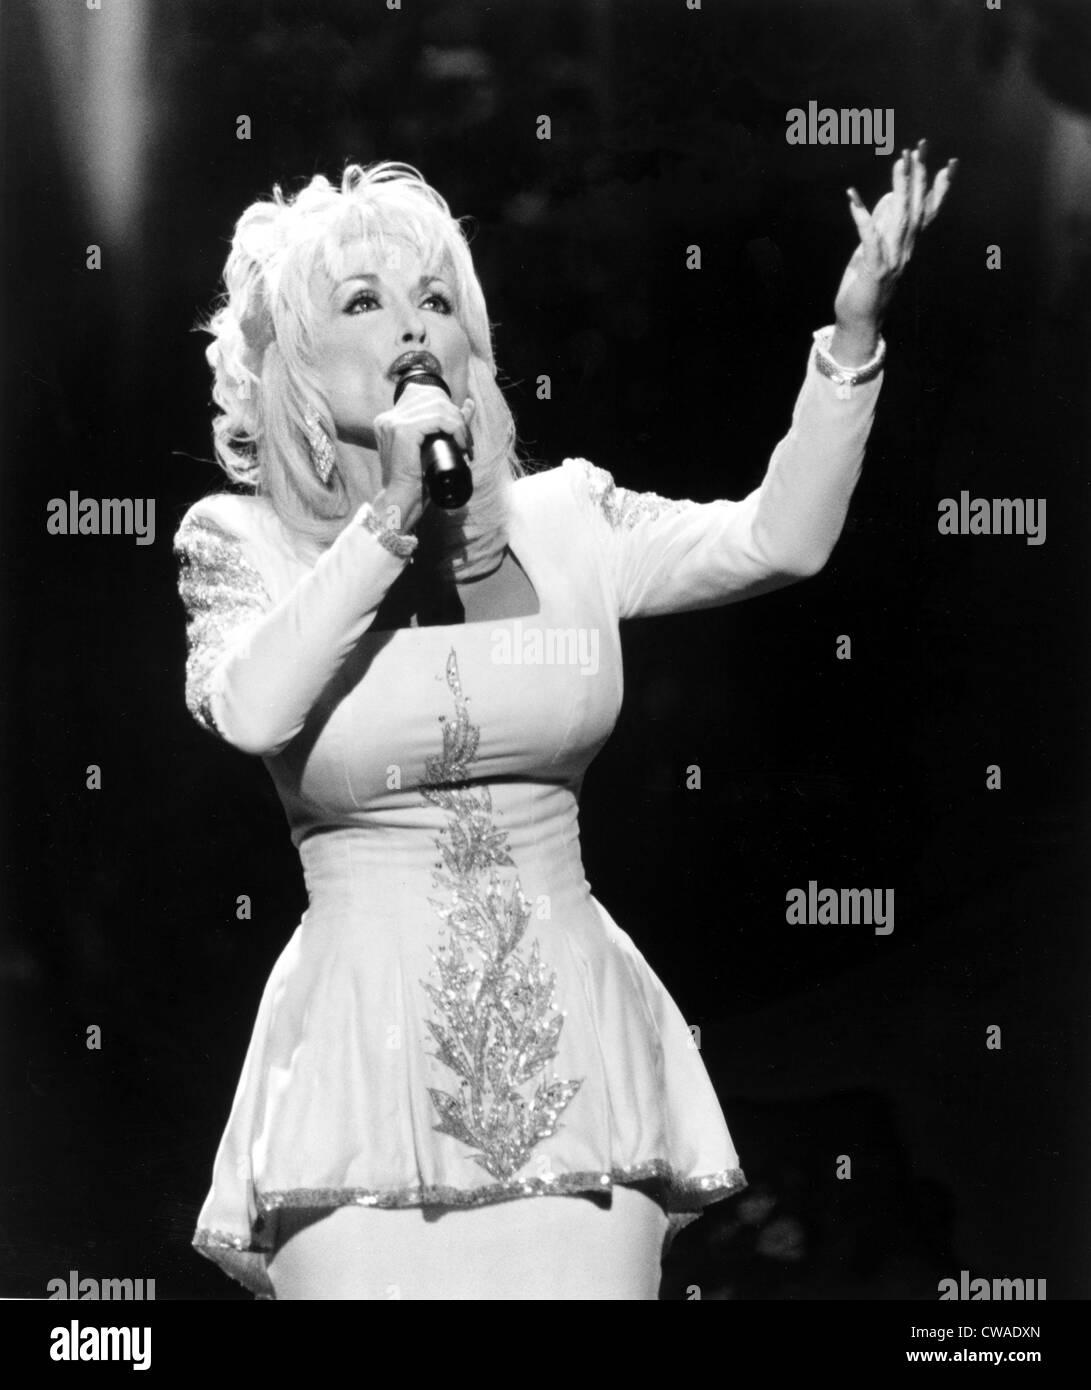 Dolly Parton, 1990er Jahre... Höflichkeit: CSU Archive / Everett Collection Stockbild